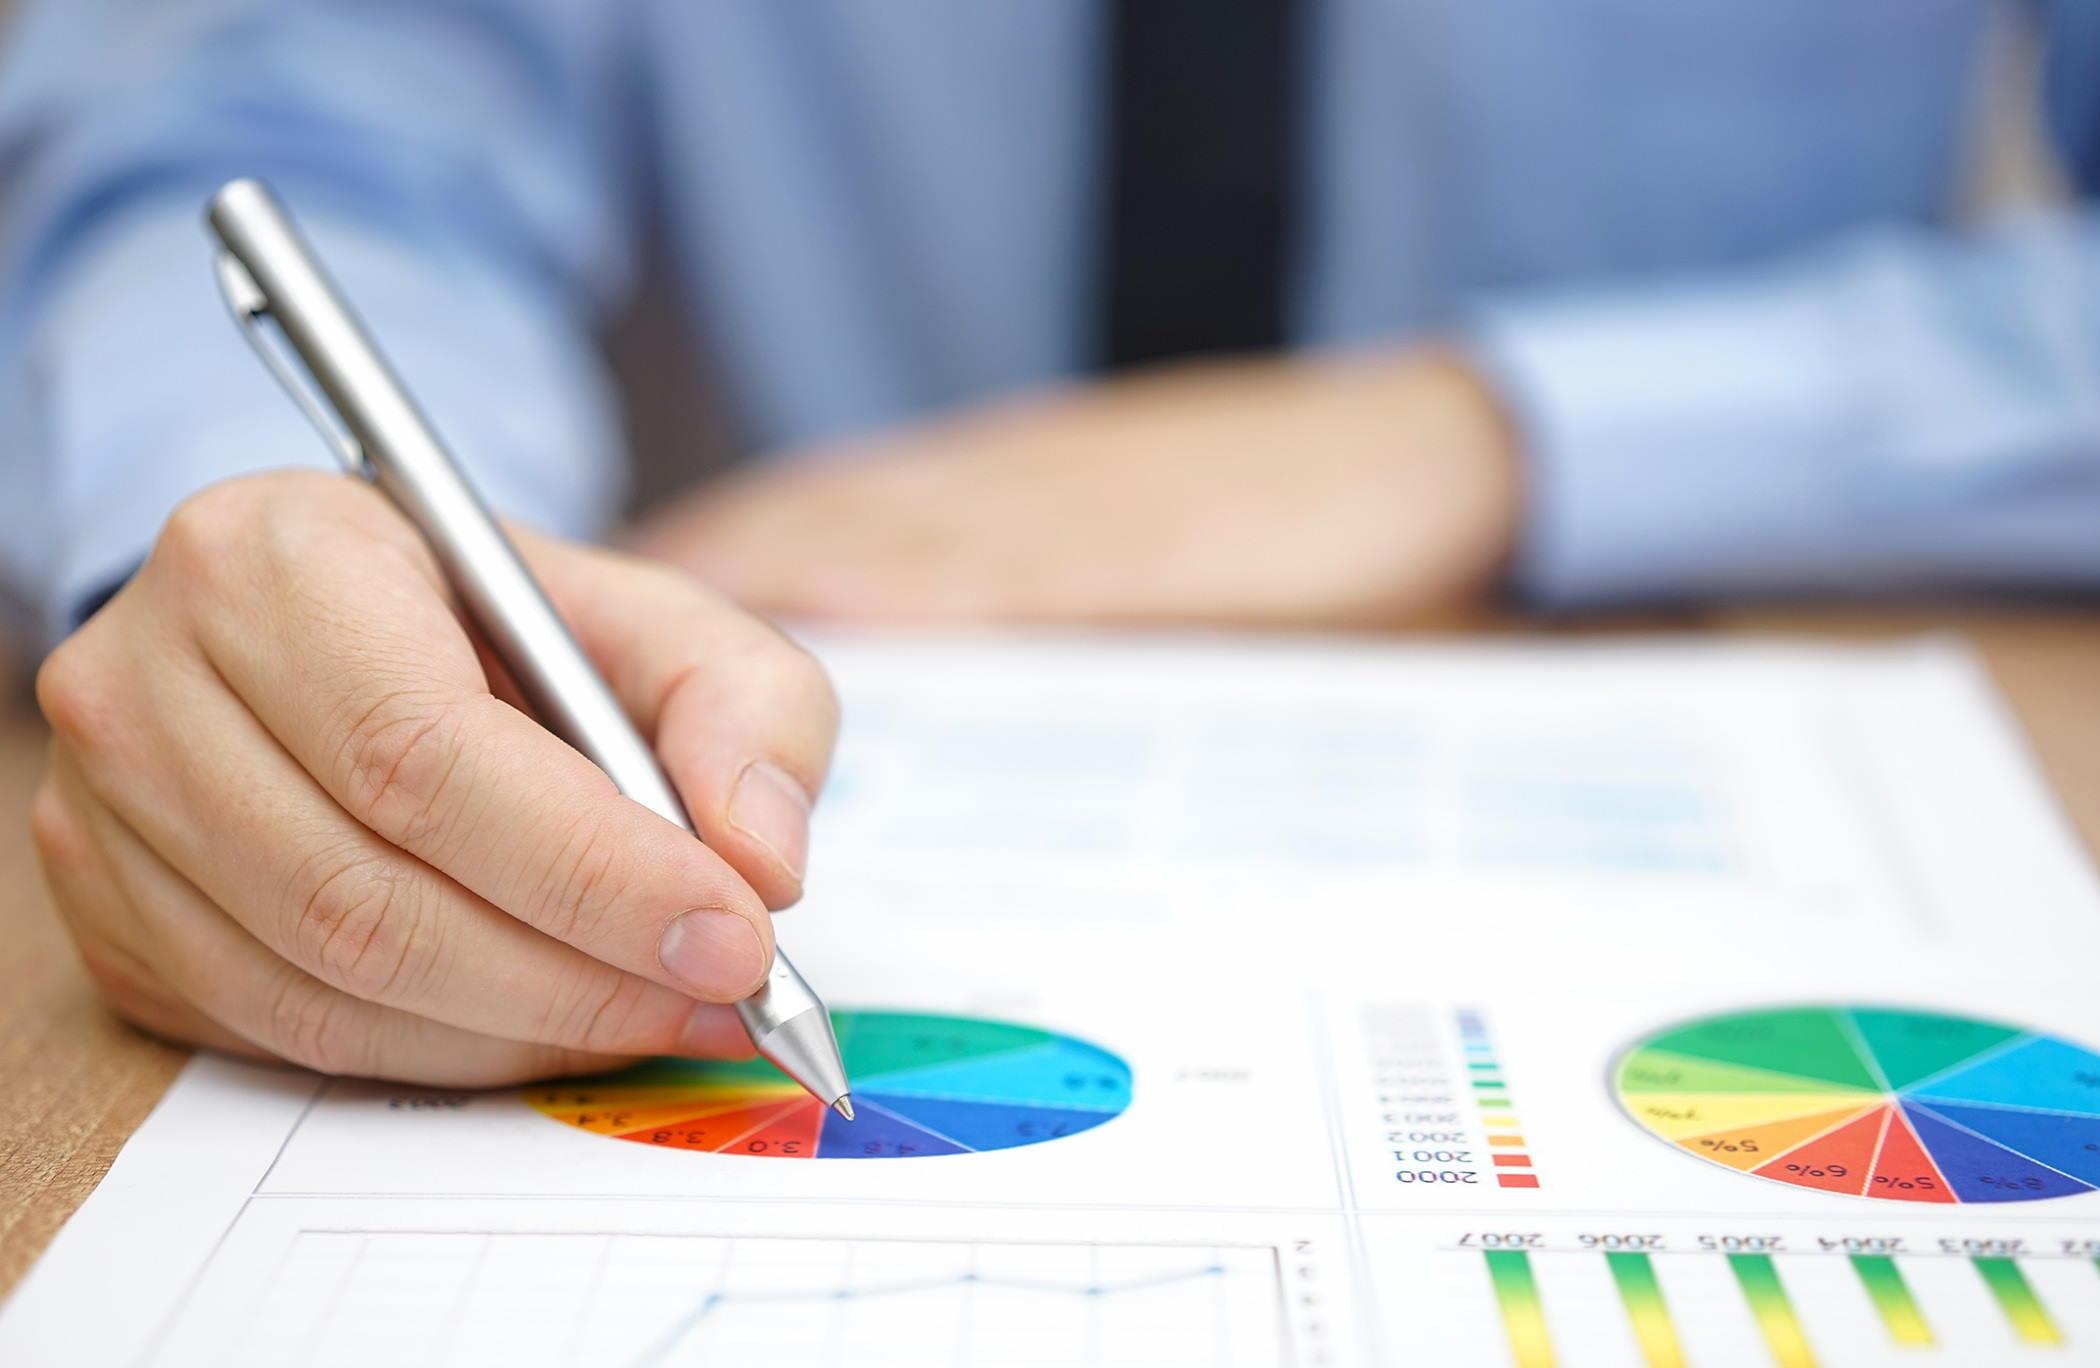 سبد سهام یا پرتفوی چیست؟ | به زبان ساده